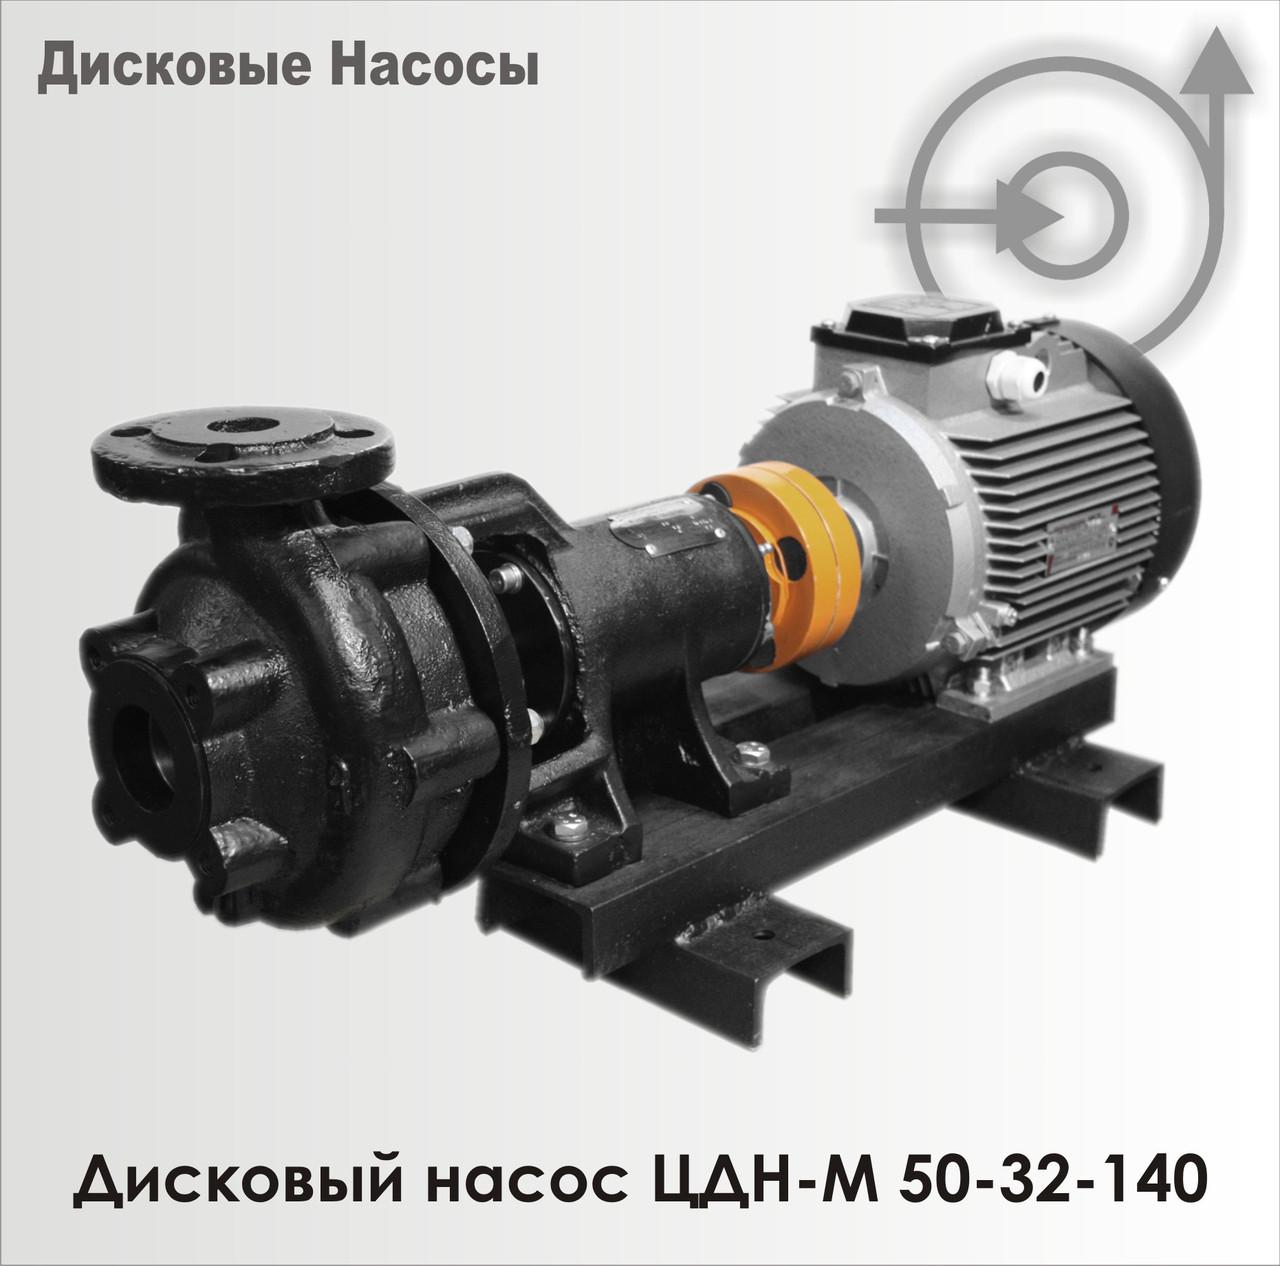 Насос для глицерина ЦДН-К 50-32-140